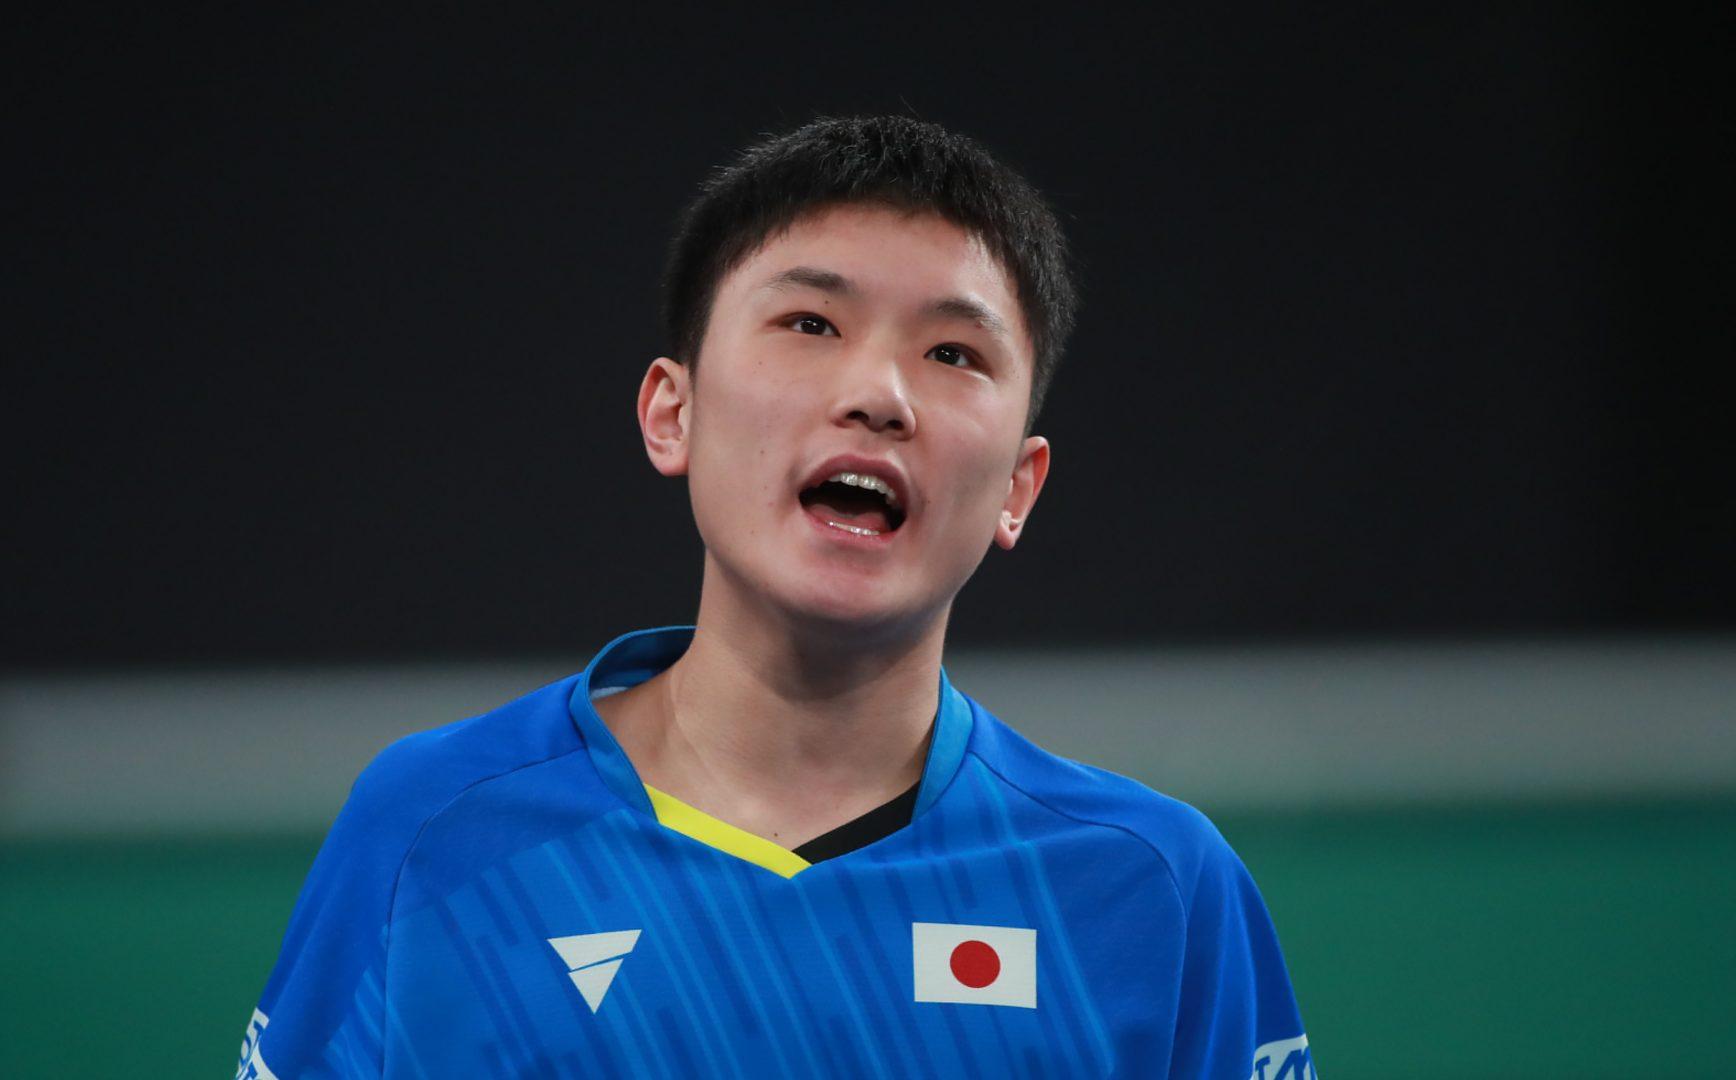 張本・伊藤、五輪代表選考基準満たす 2020年1月有効な世界ランキングポイント(オーストリアOP終了時点)